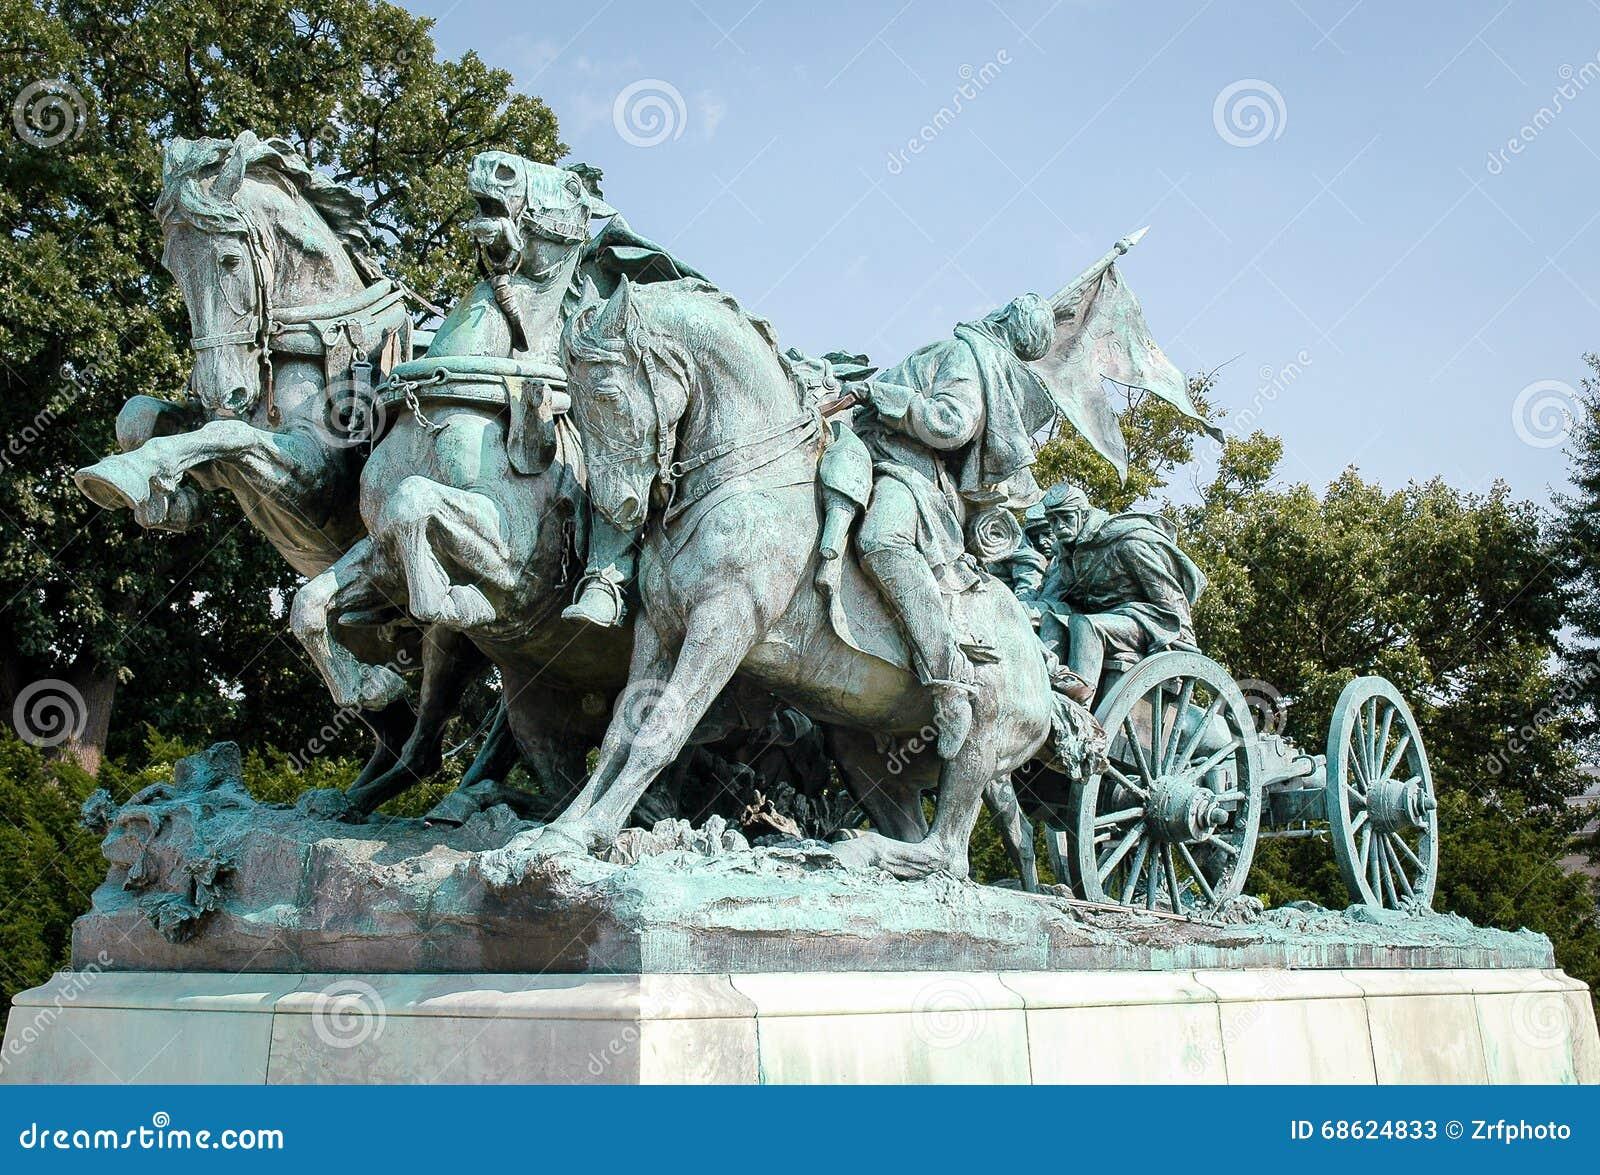 Banknotu czarny dolarów pięćdziesiąt dotacja odizolowywał obrazka portret s Ulysses my biały Grant Memorail